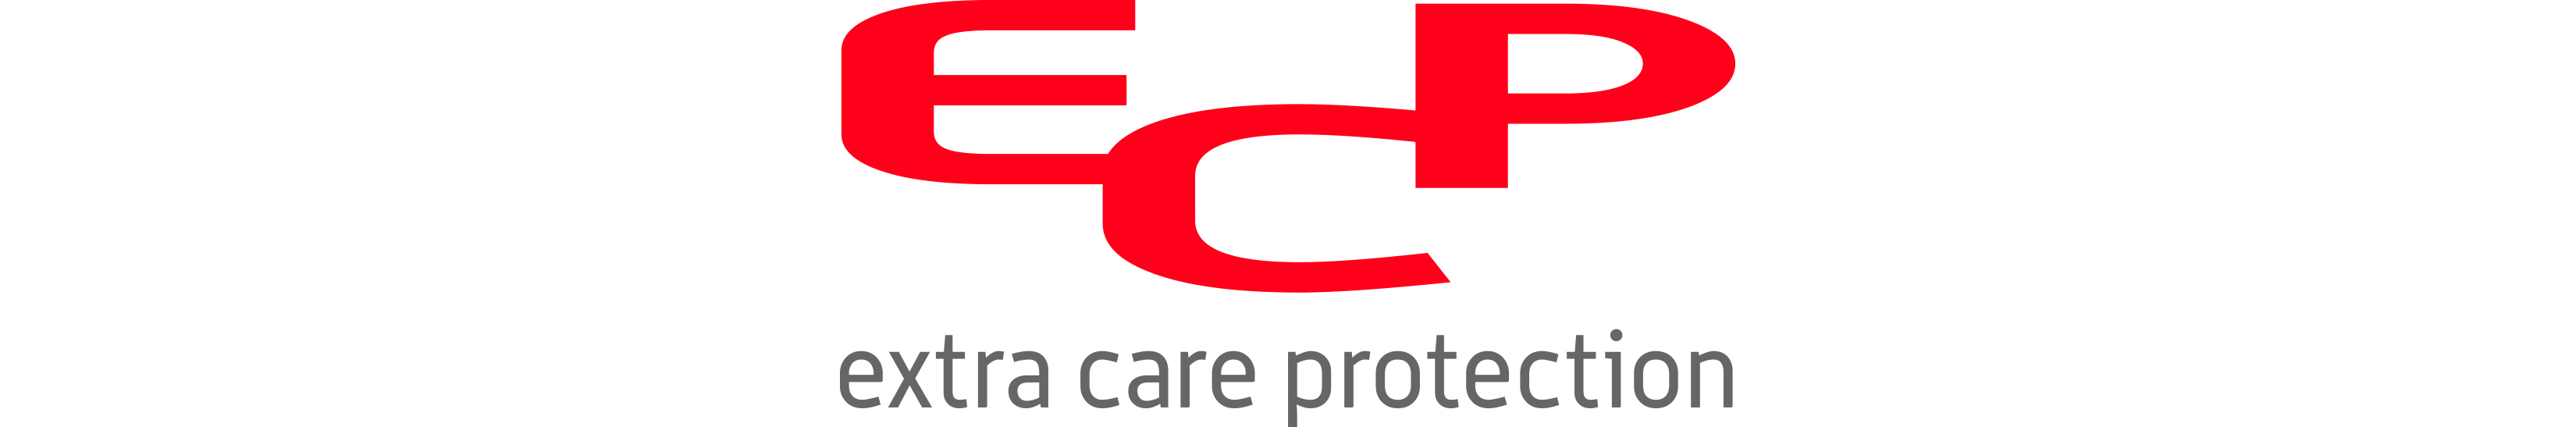 ECP_09_E_4C